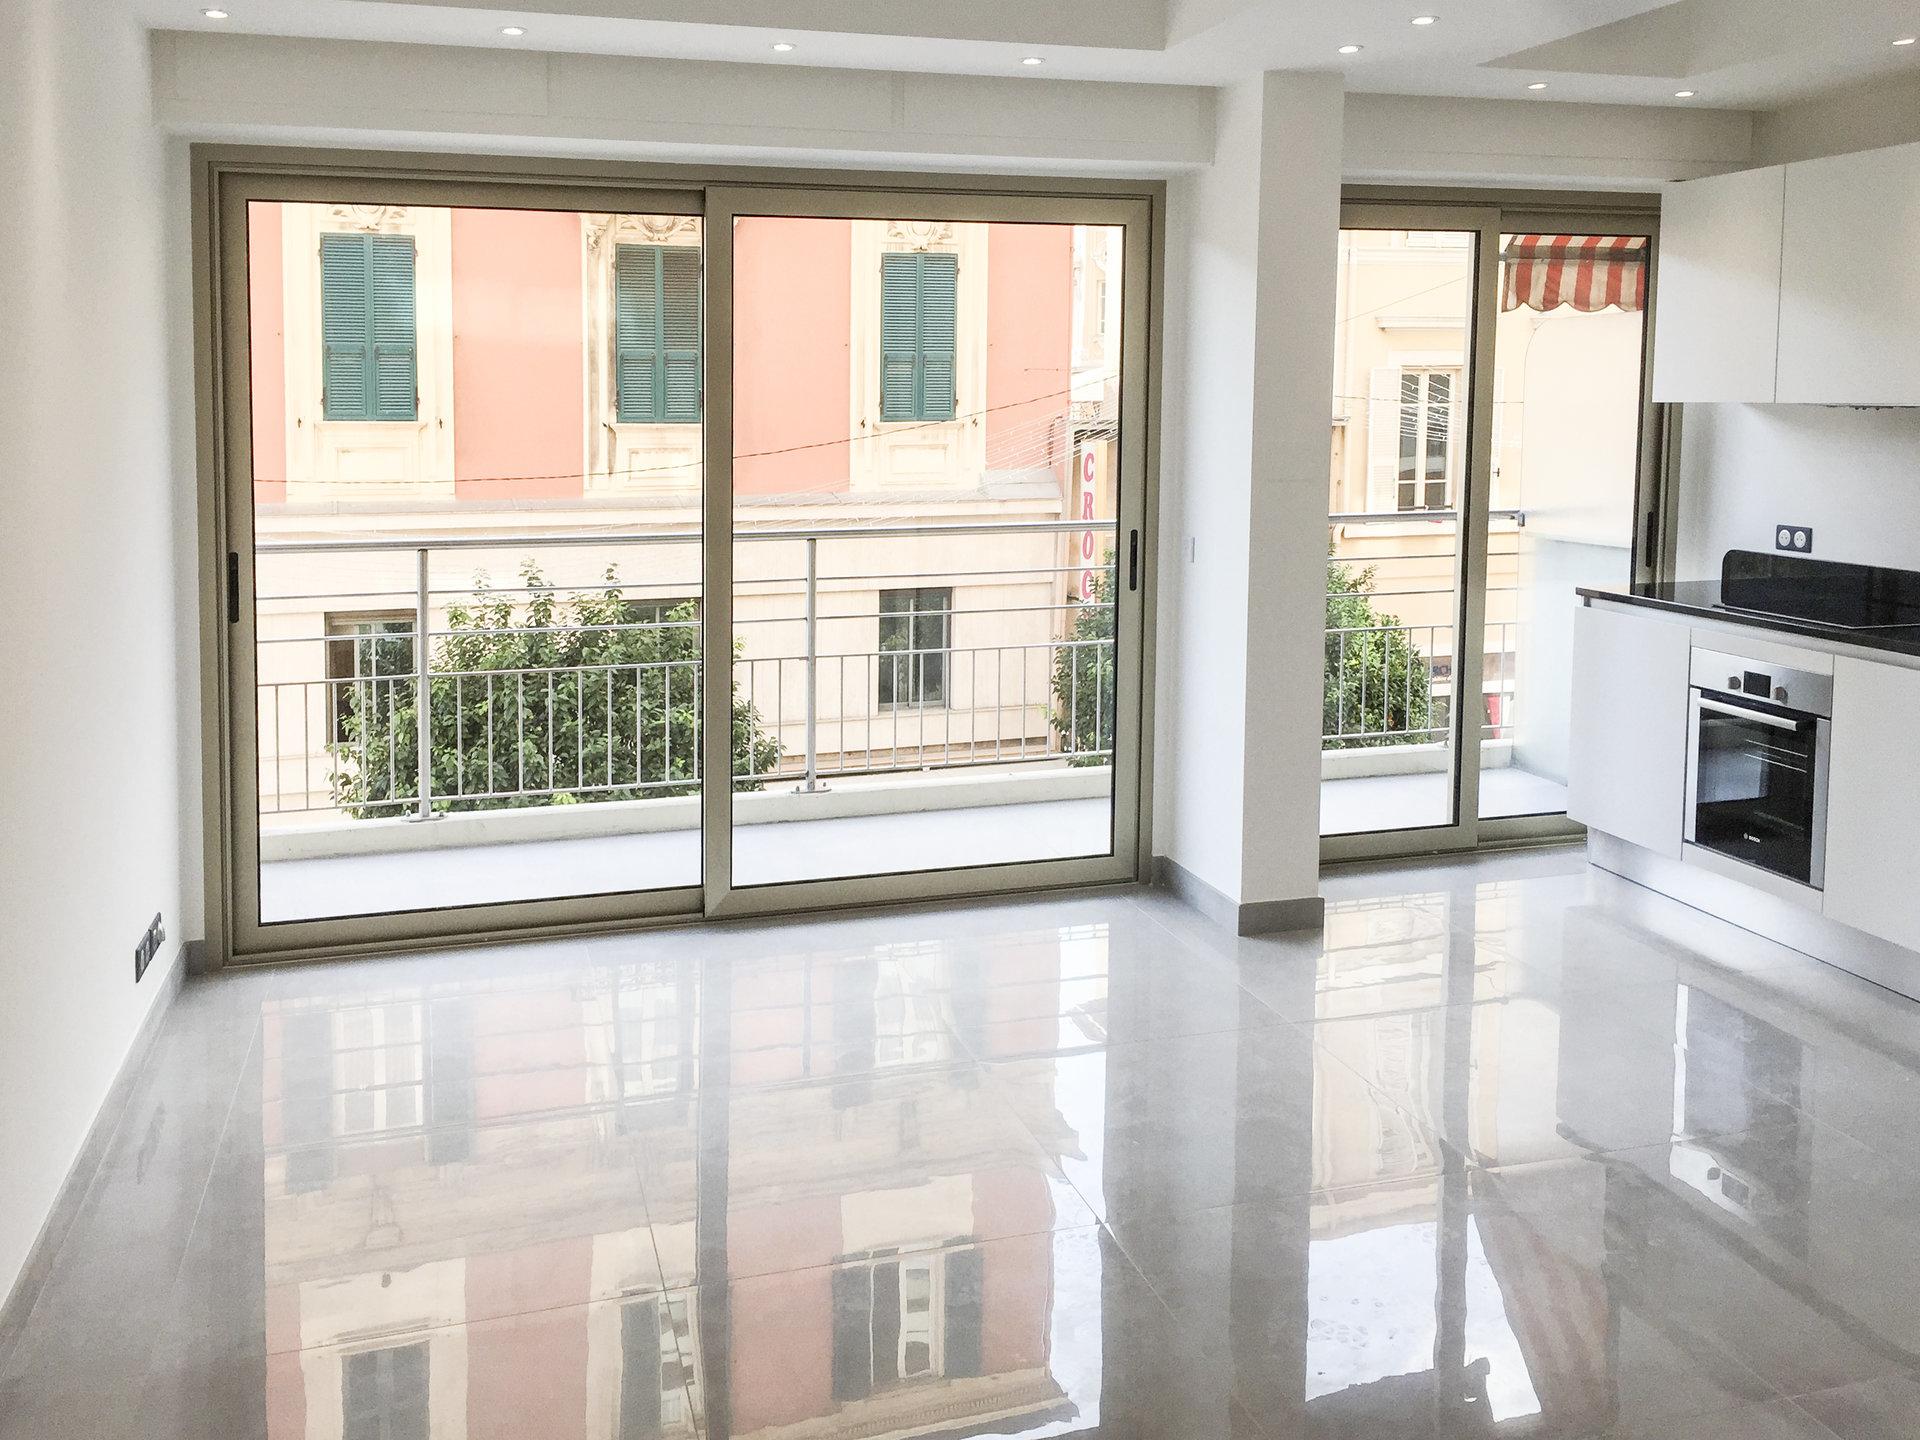 Le Petrel - Condamine - Offices for sale in Monaco